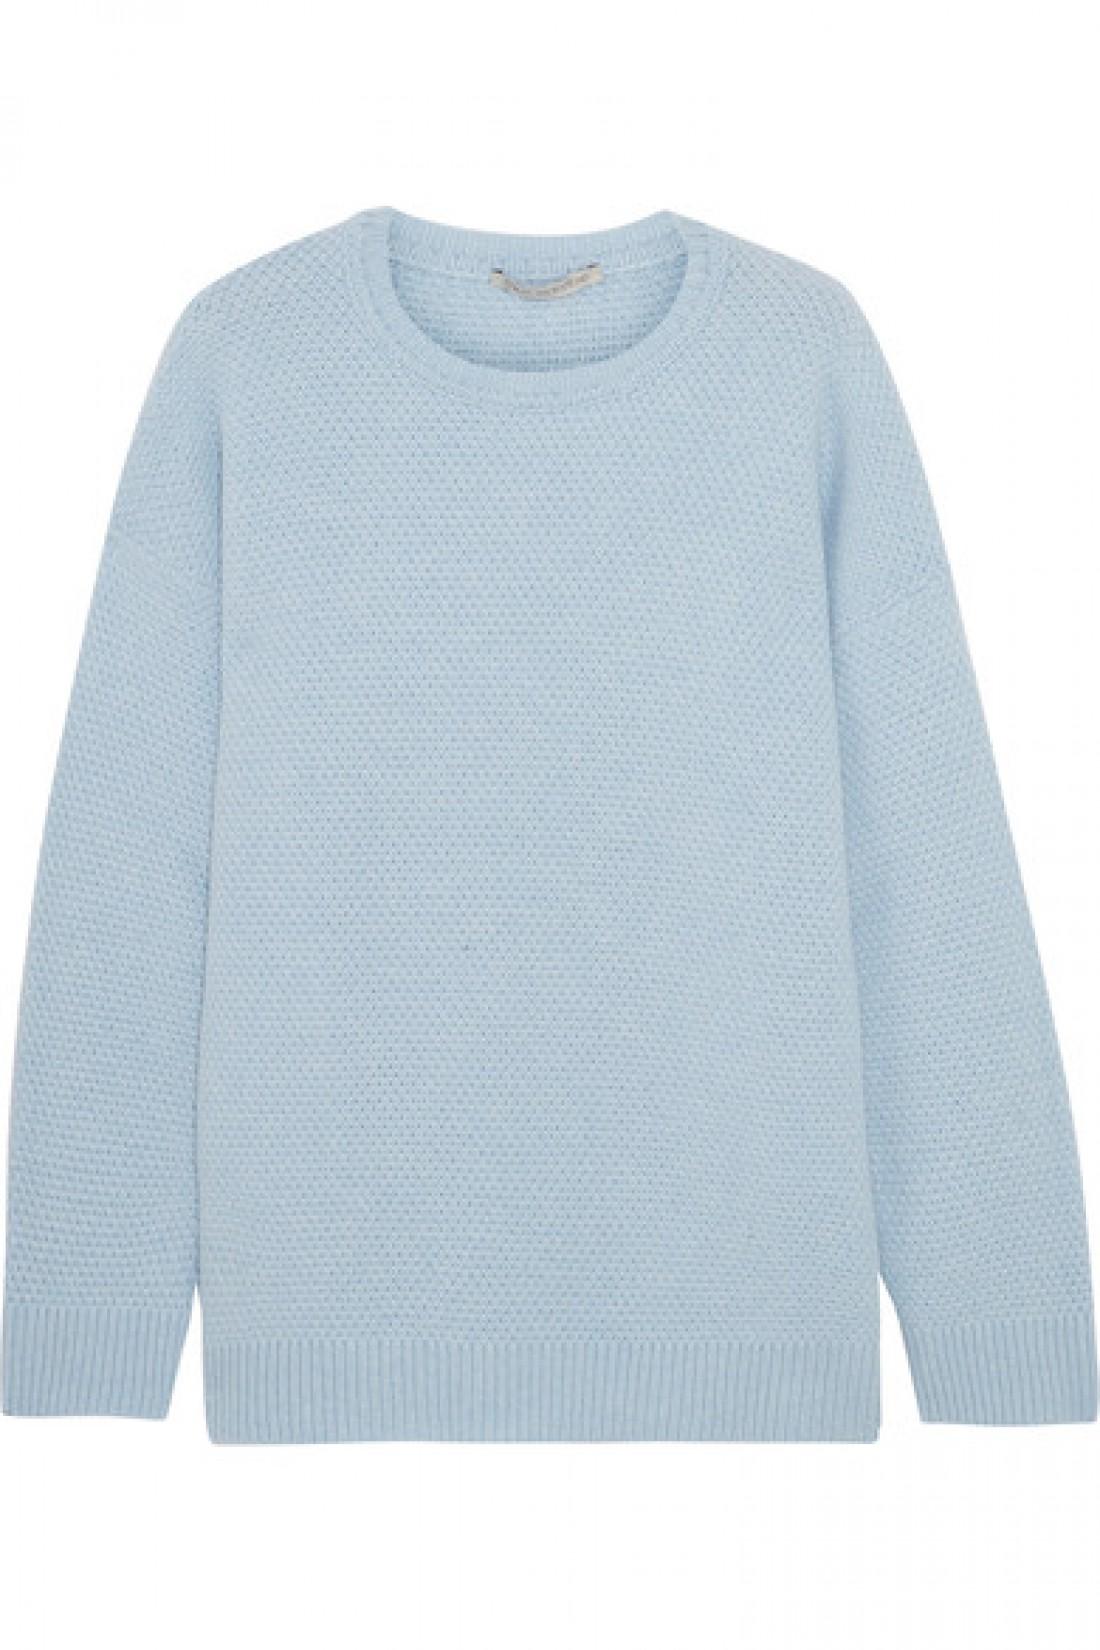 Небесно-голубой свитер